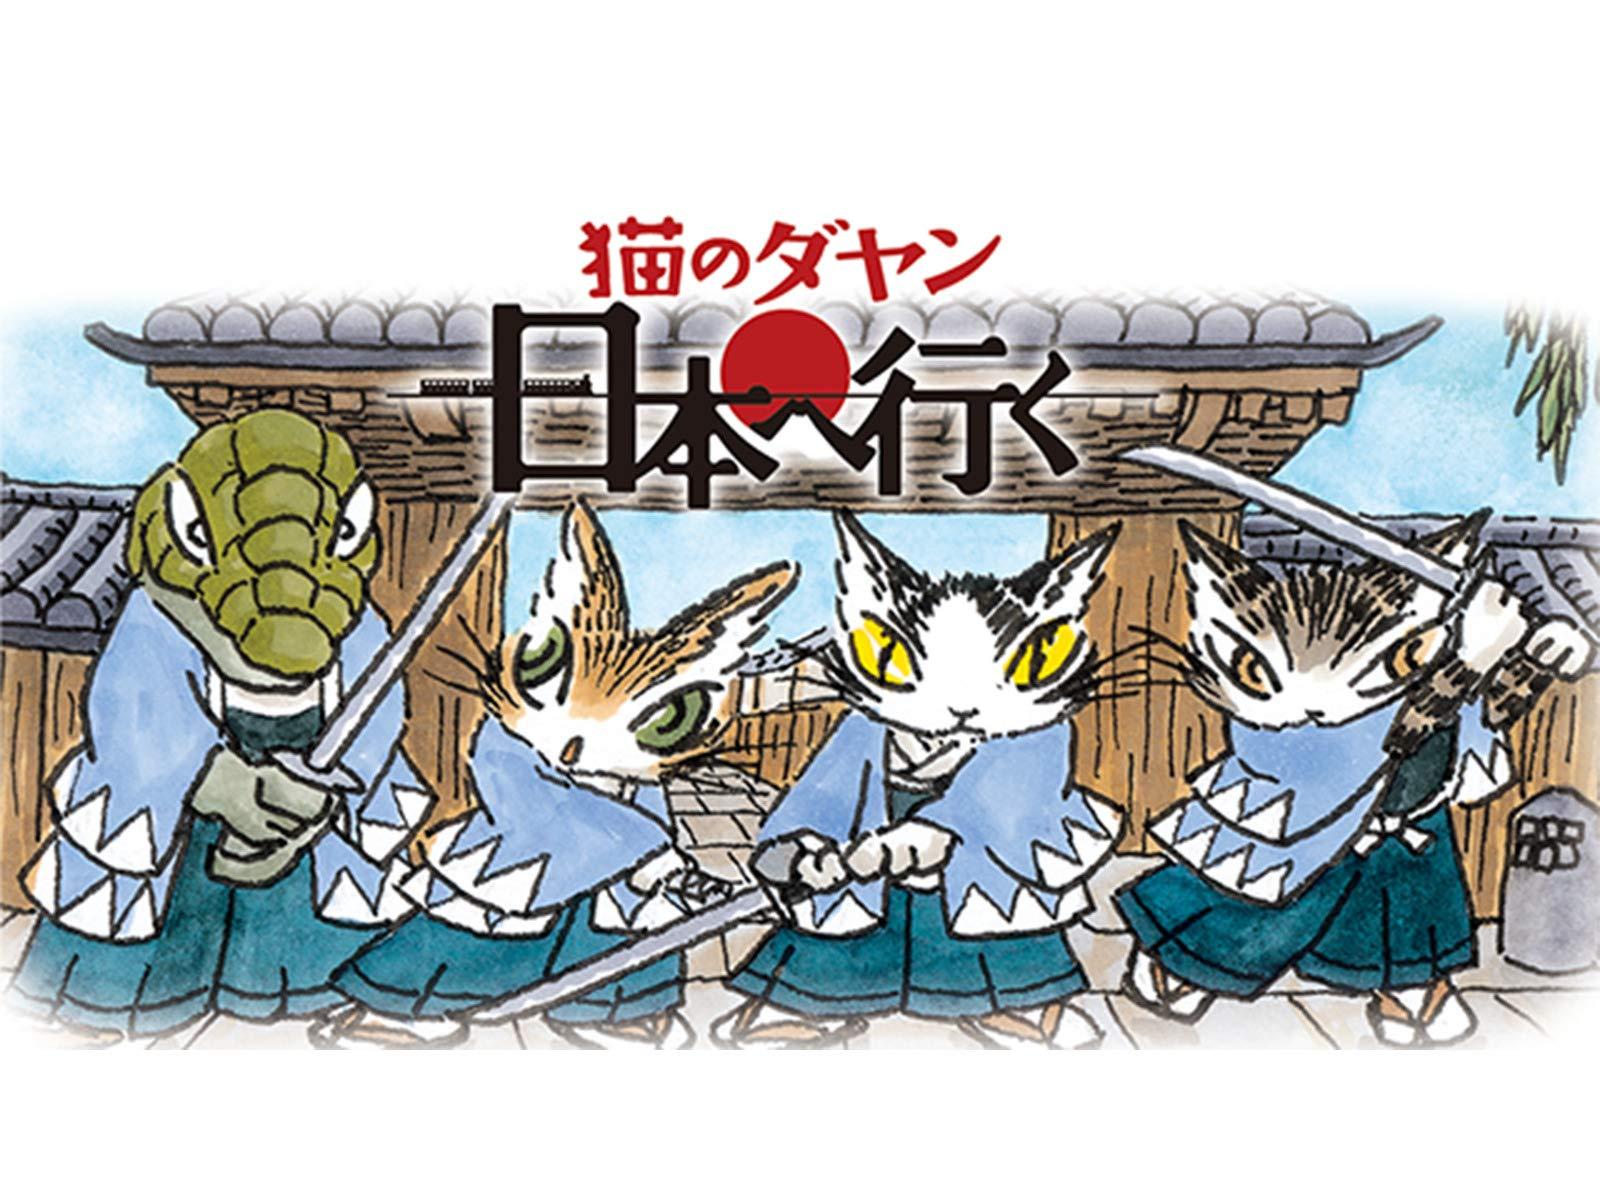 Amazon Co Jp 猫のダヤン 日本へ行く Dアニメストア を観る Prime Video